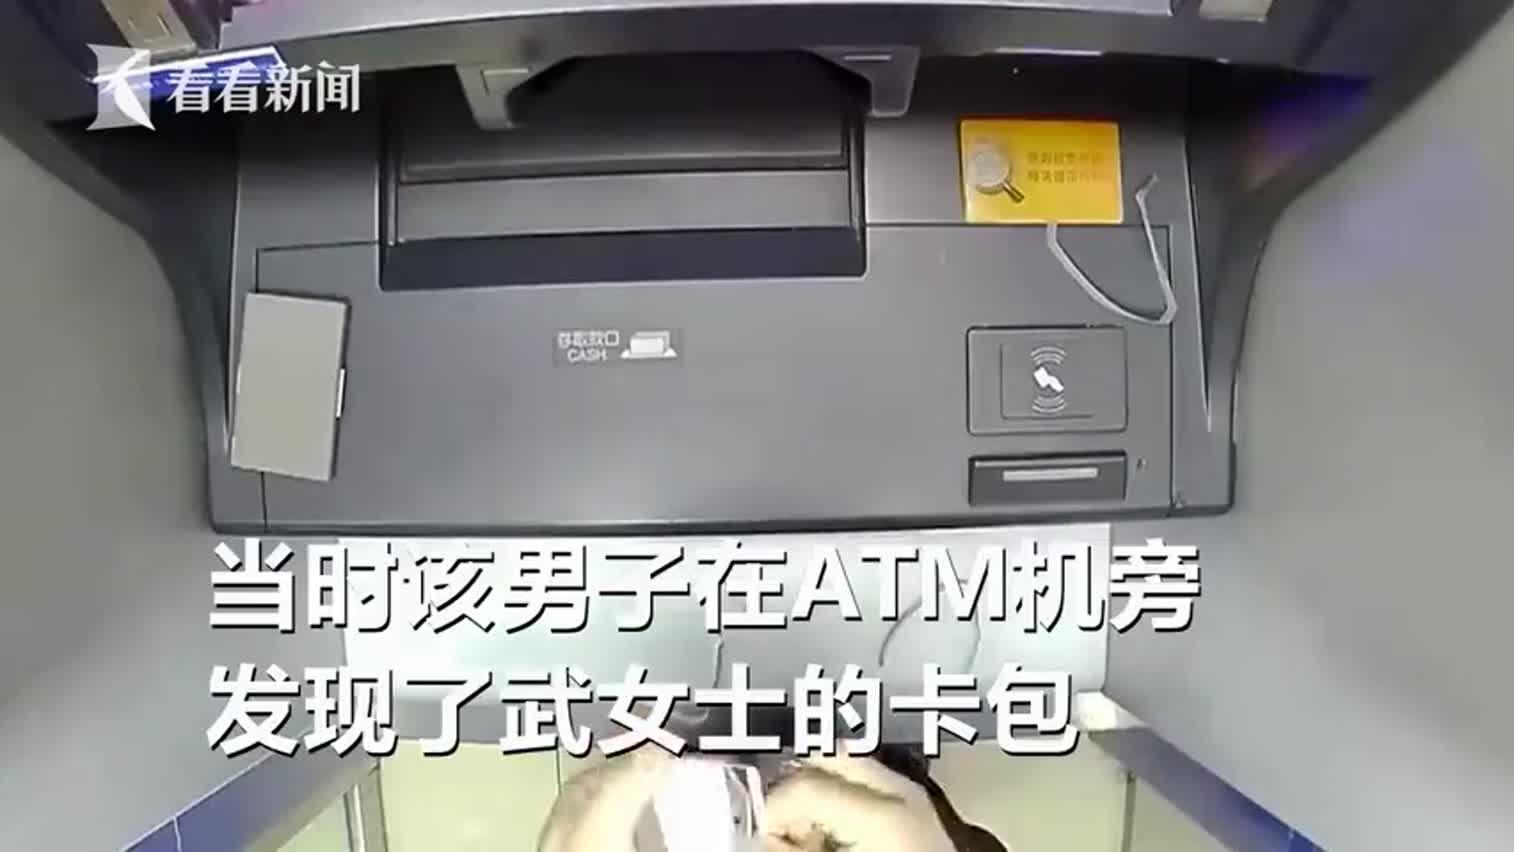 视频-男子捡银行卡试出密码 取现1万把自己送进班